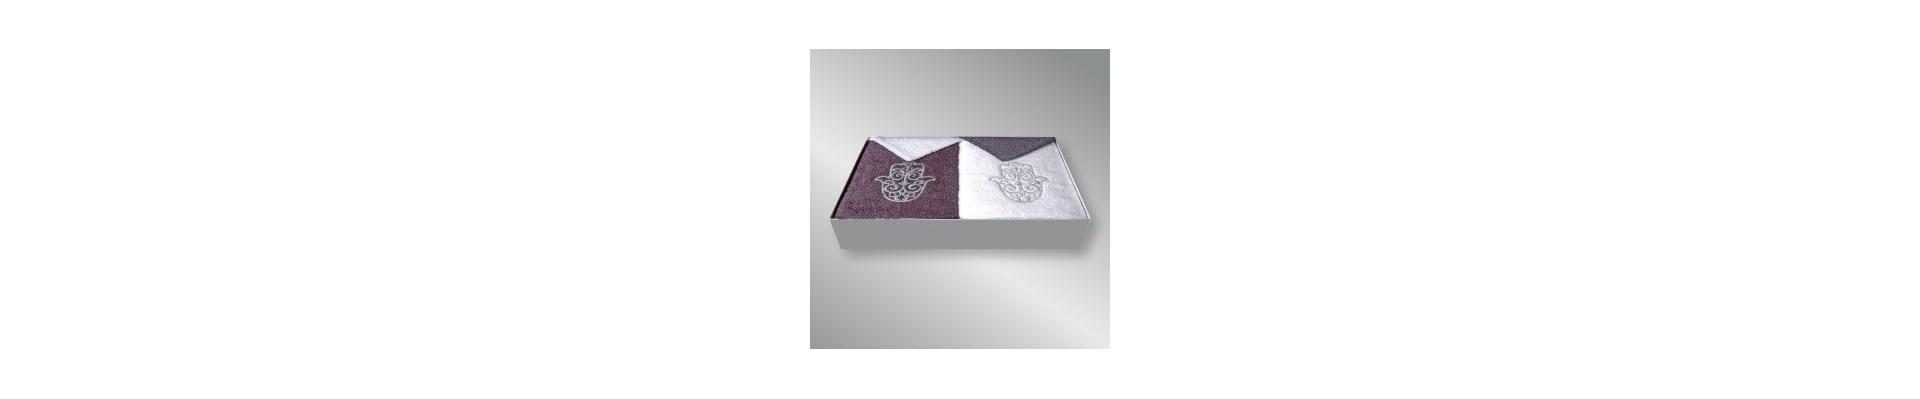 Coffret cadeau serviettes brodées